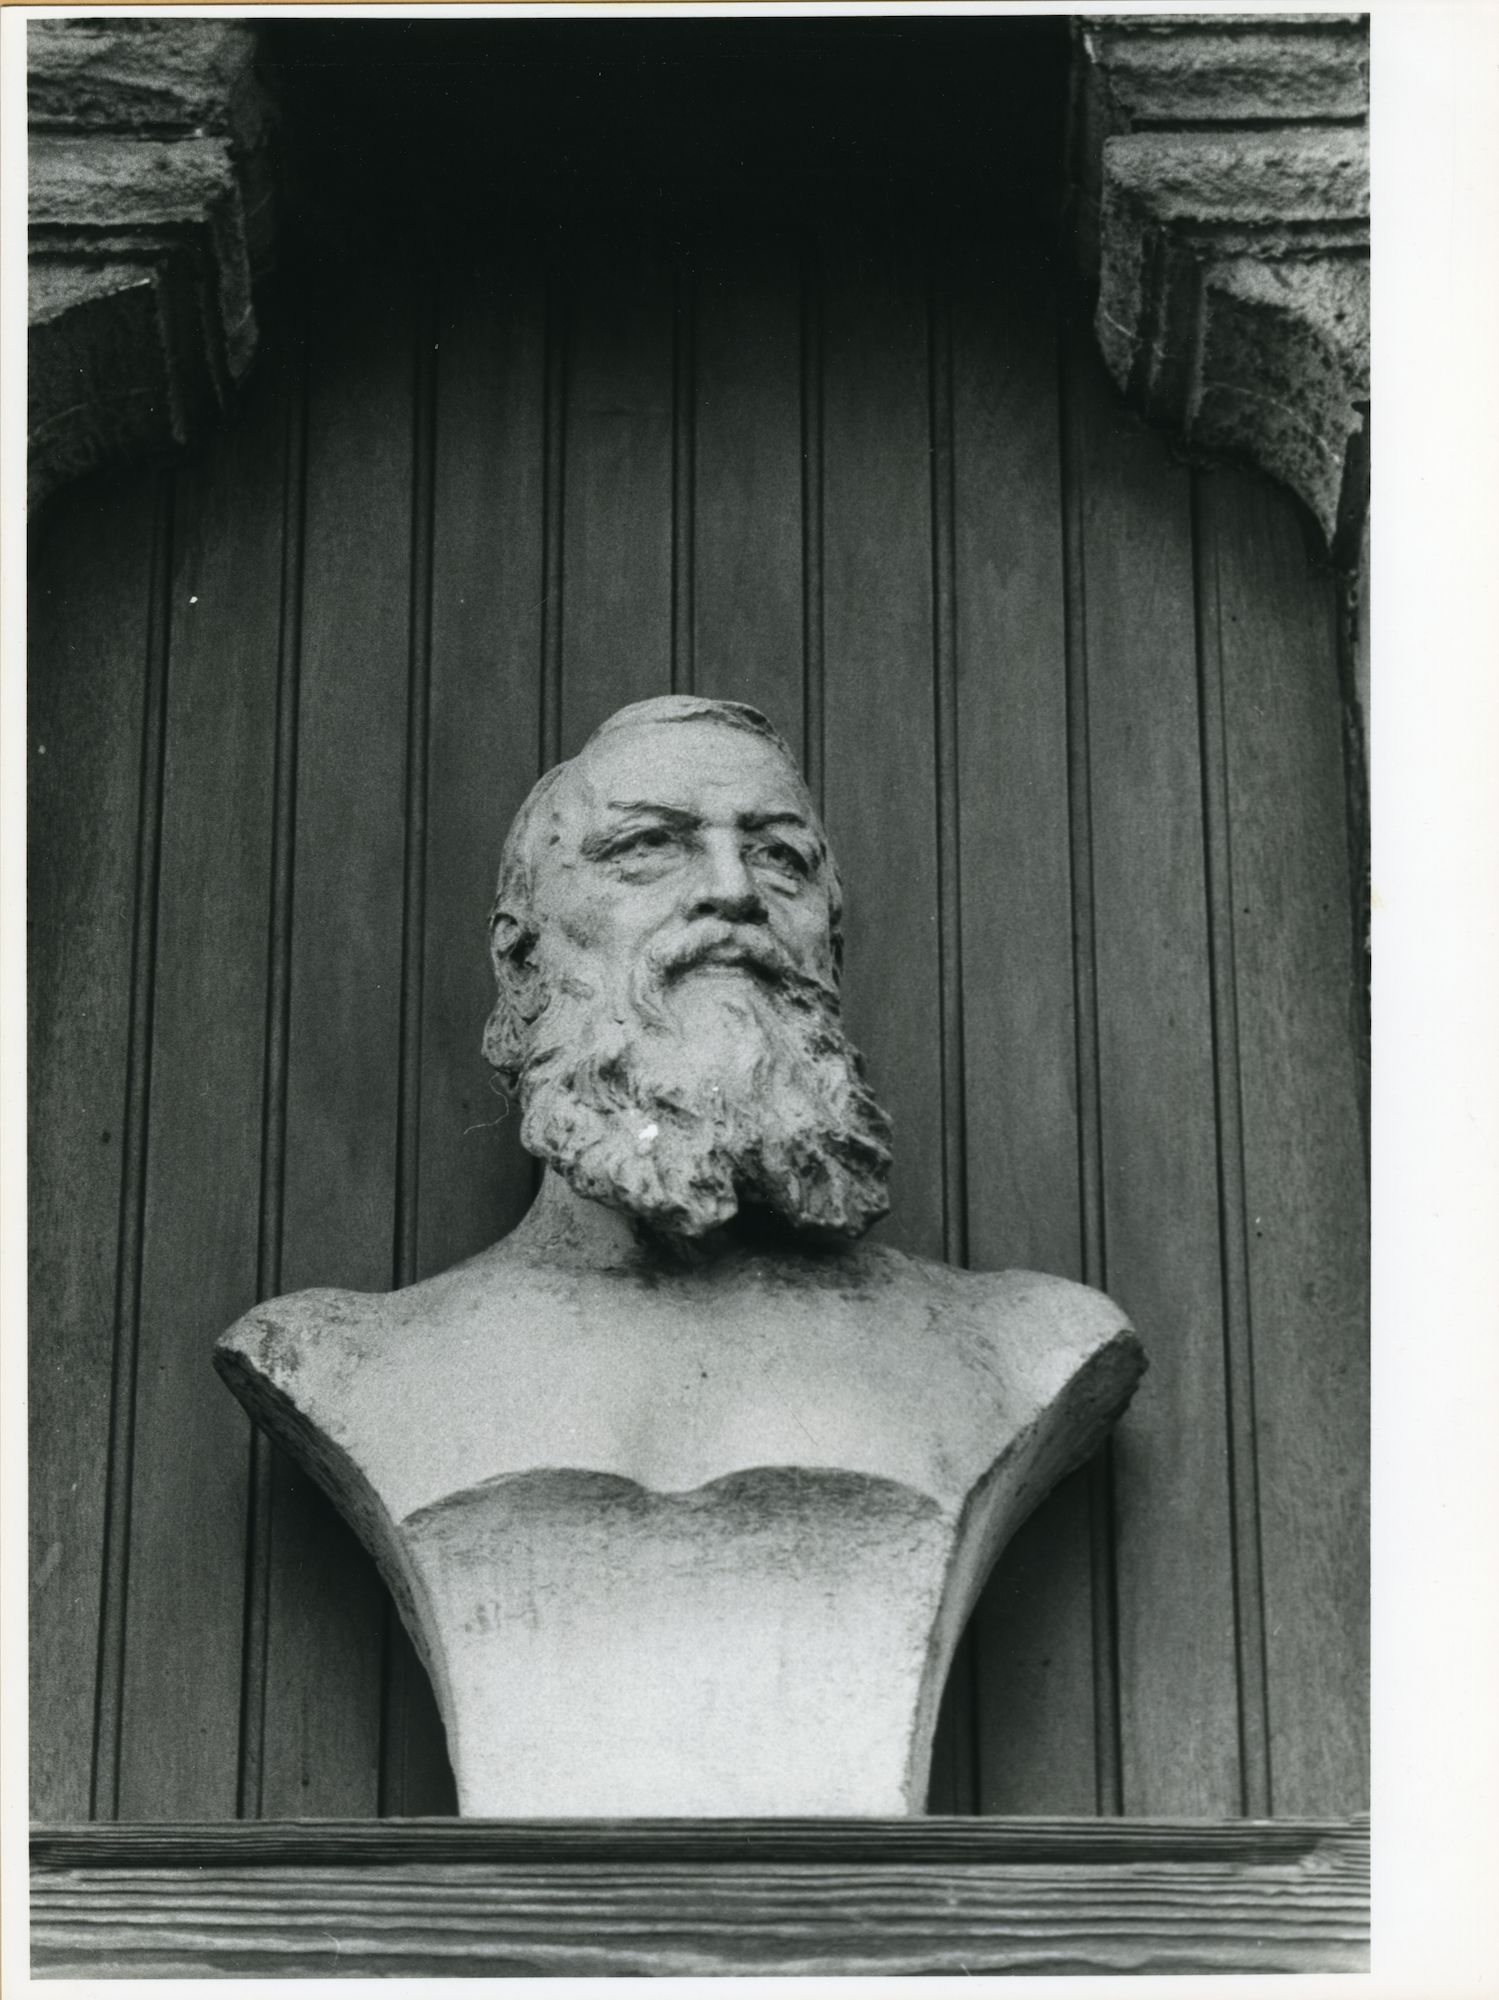 Gent: Vlaamse Kaai 51: Buste, 1979